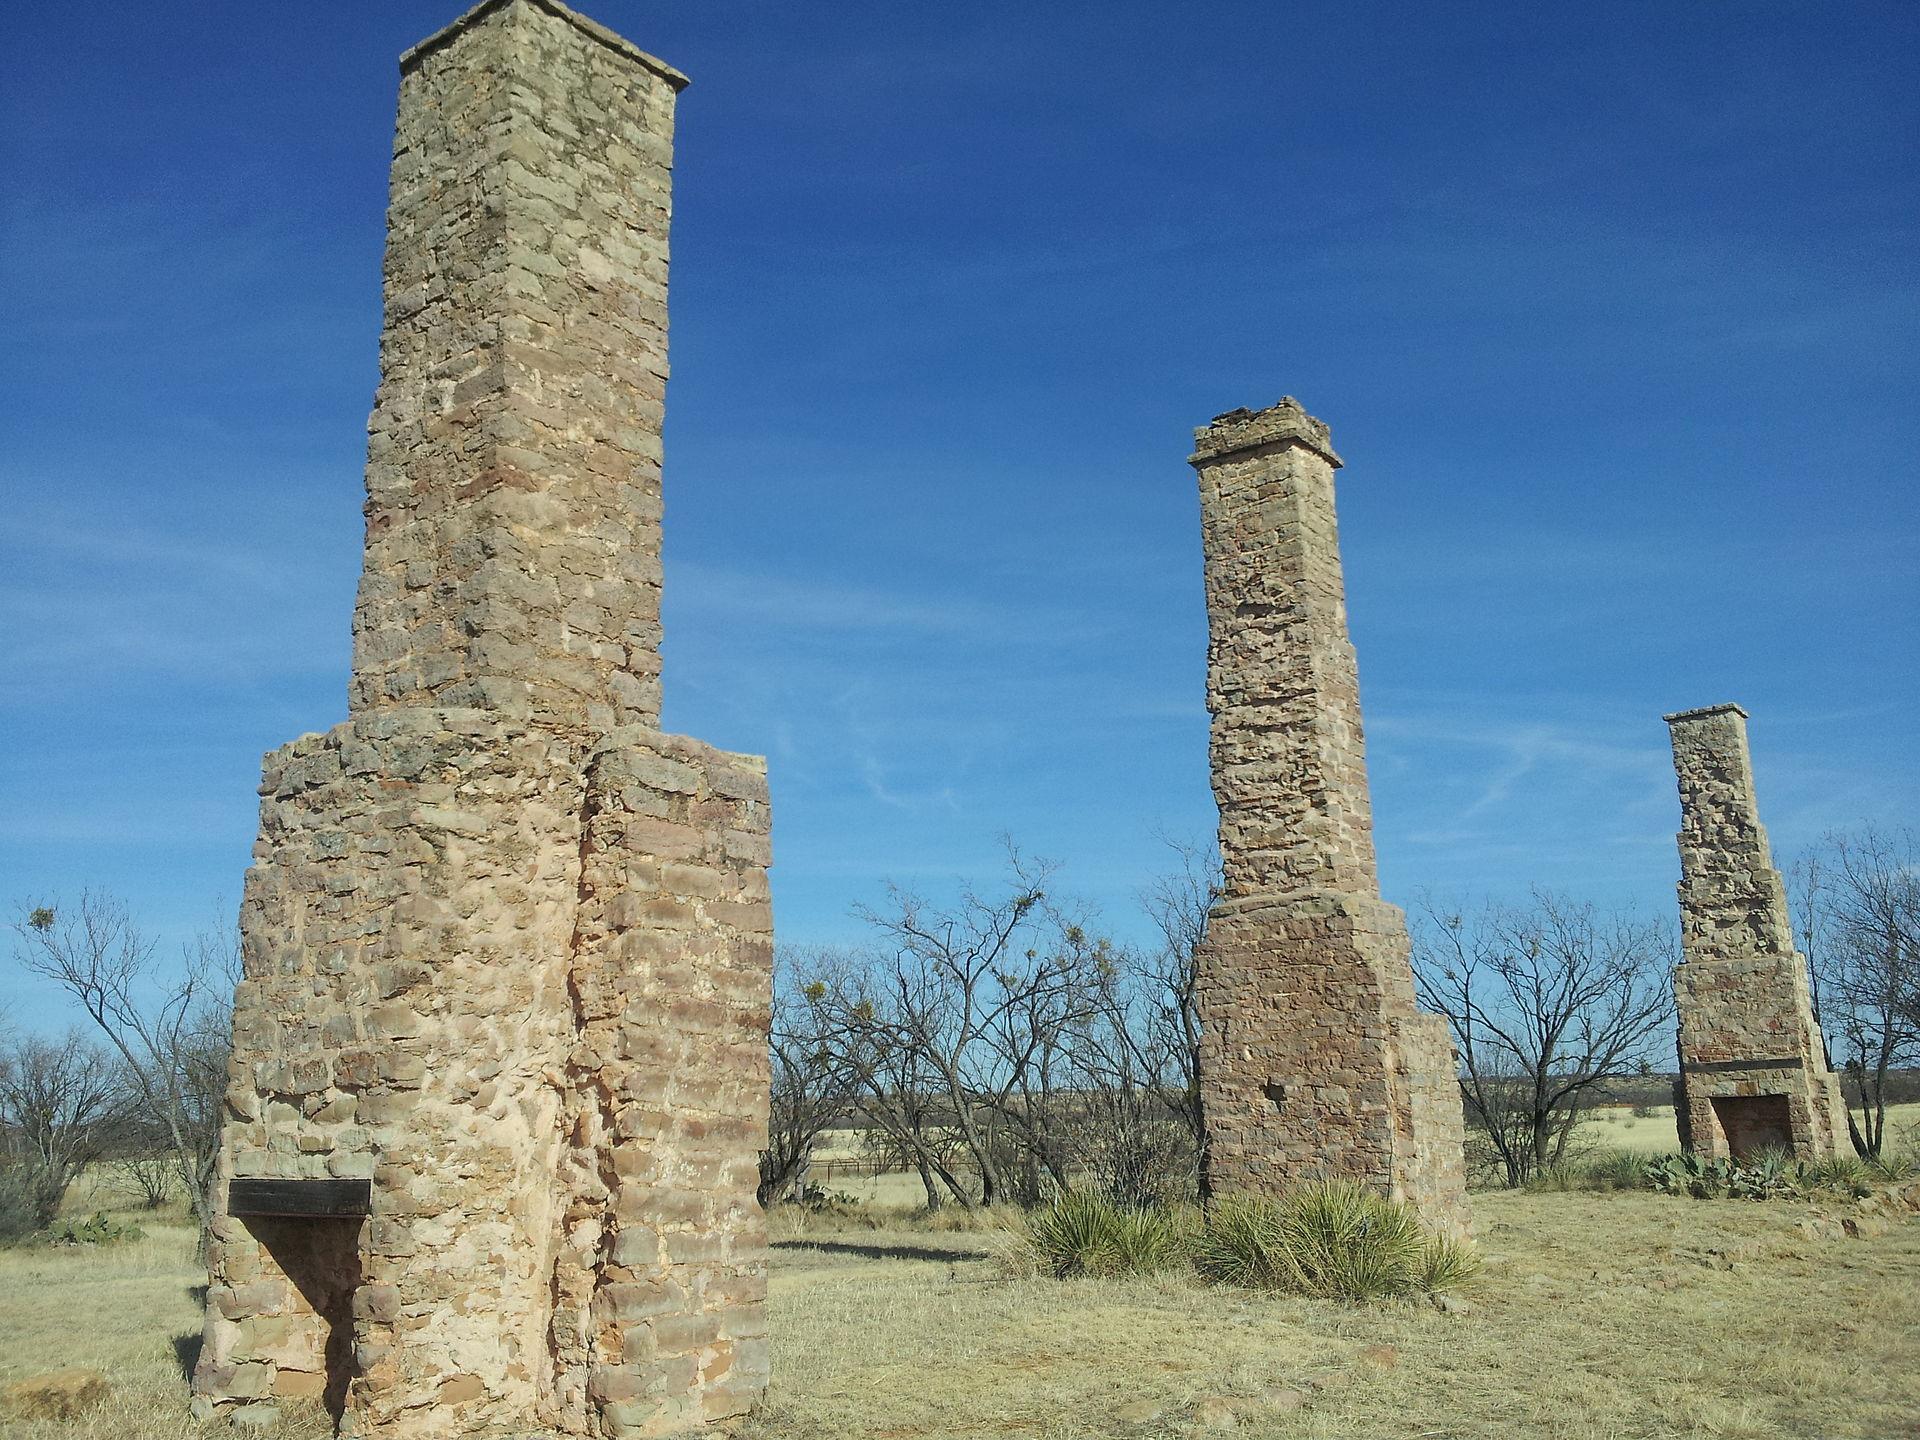 Ruins of chimneys